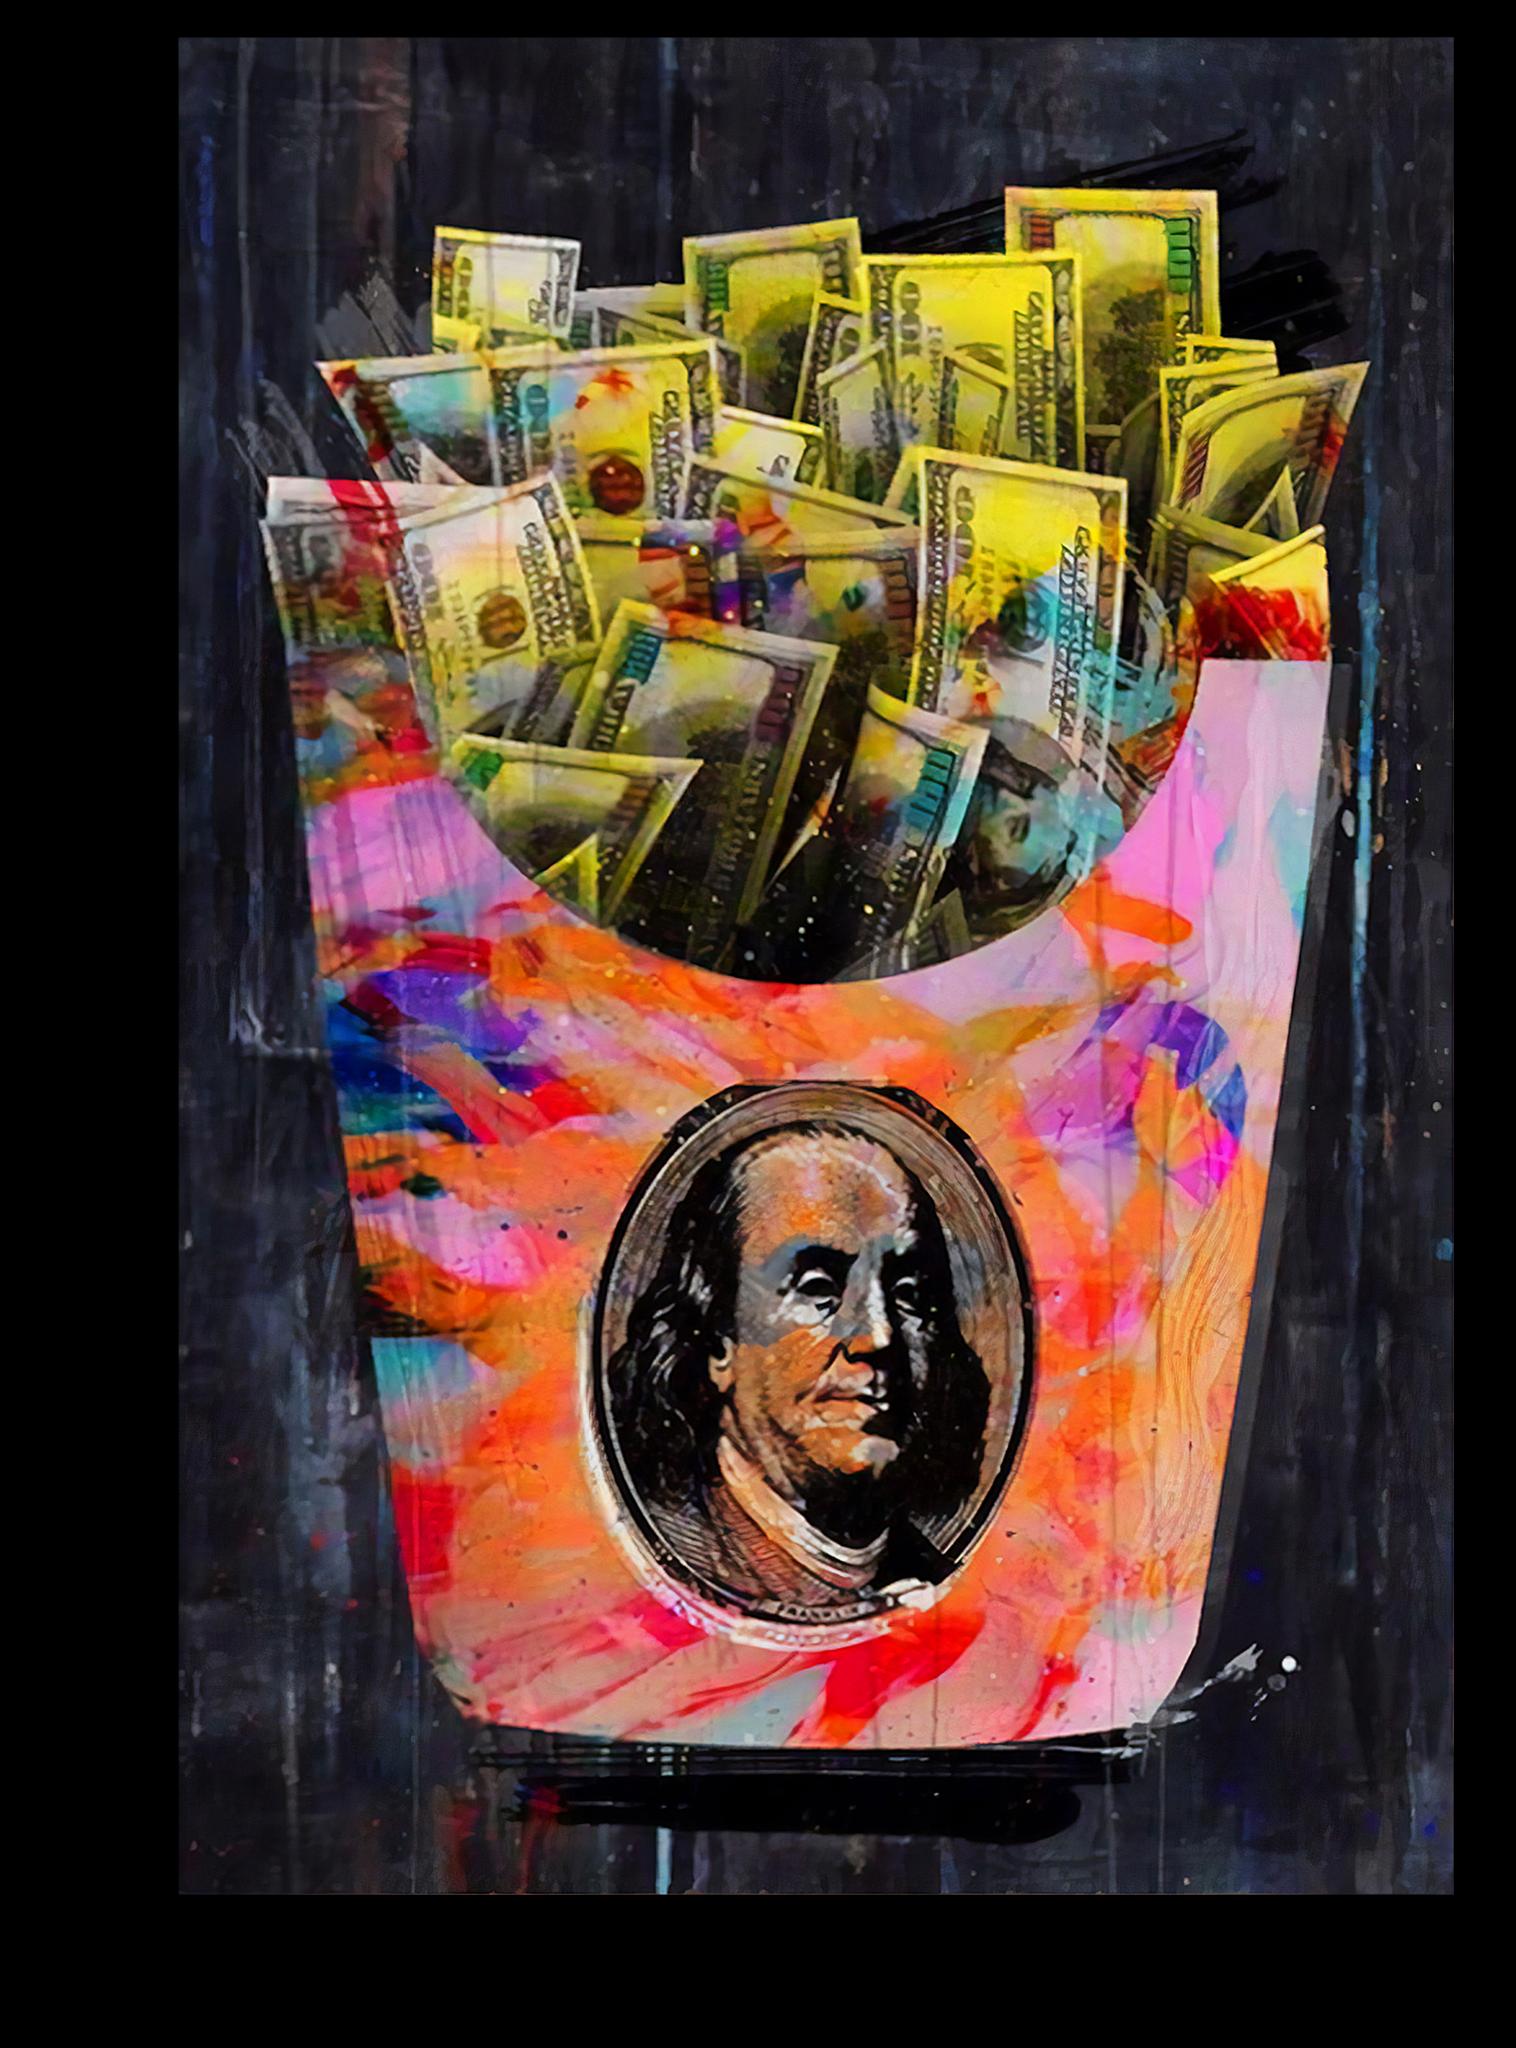 ведущий постер с долларами информацию, каталог аксессуаров